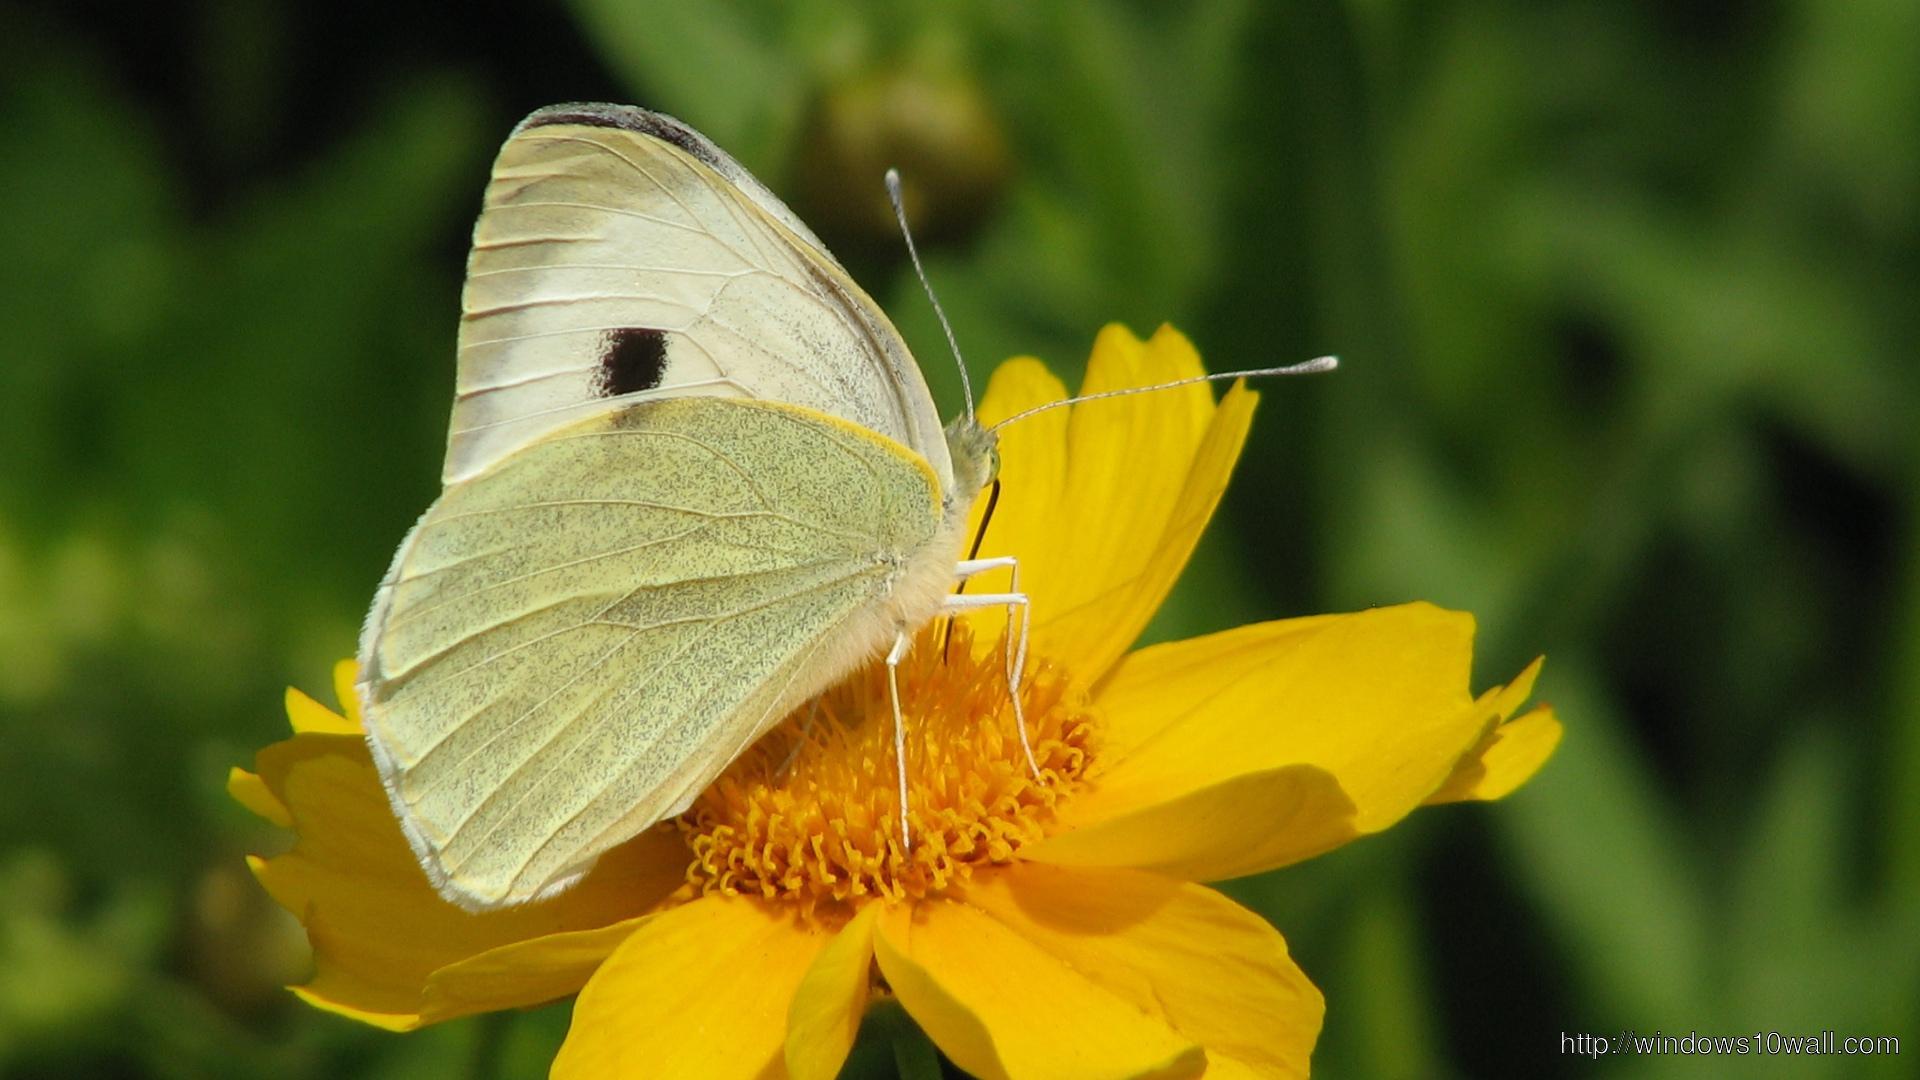 White Butterfly On Yellow Flower HD Wallpaper - windows 10 ...